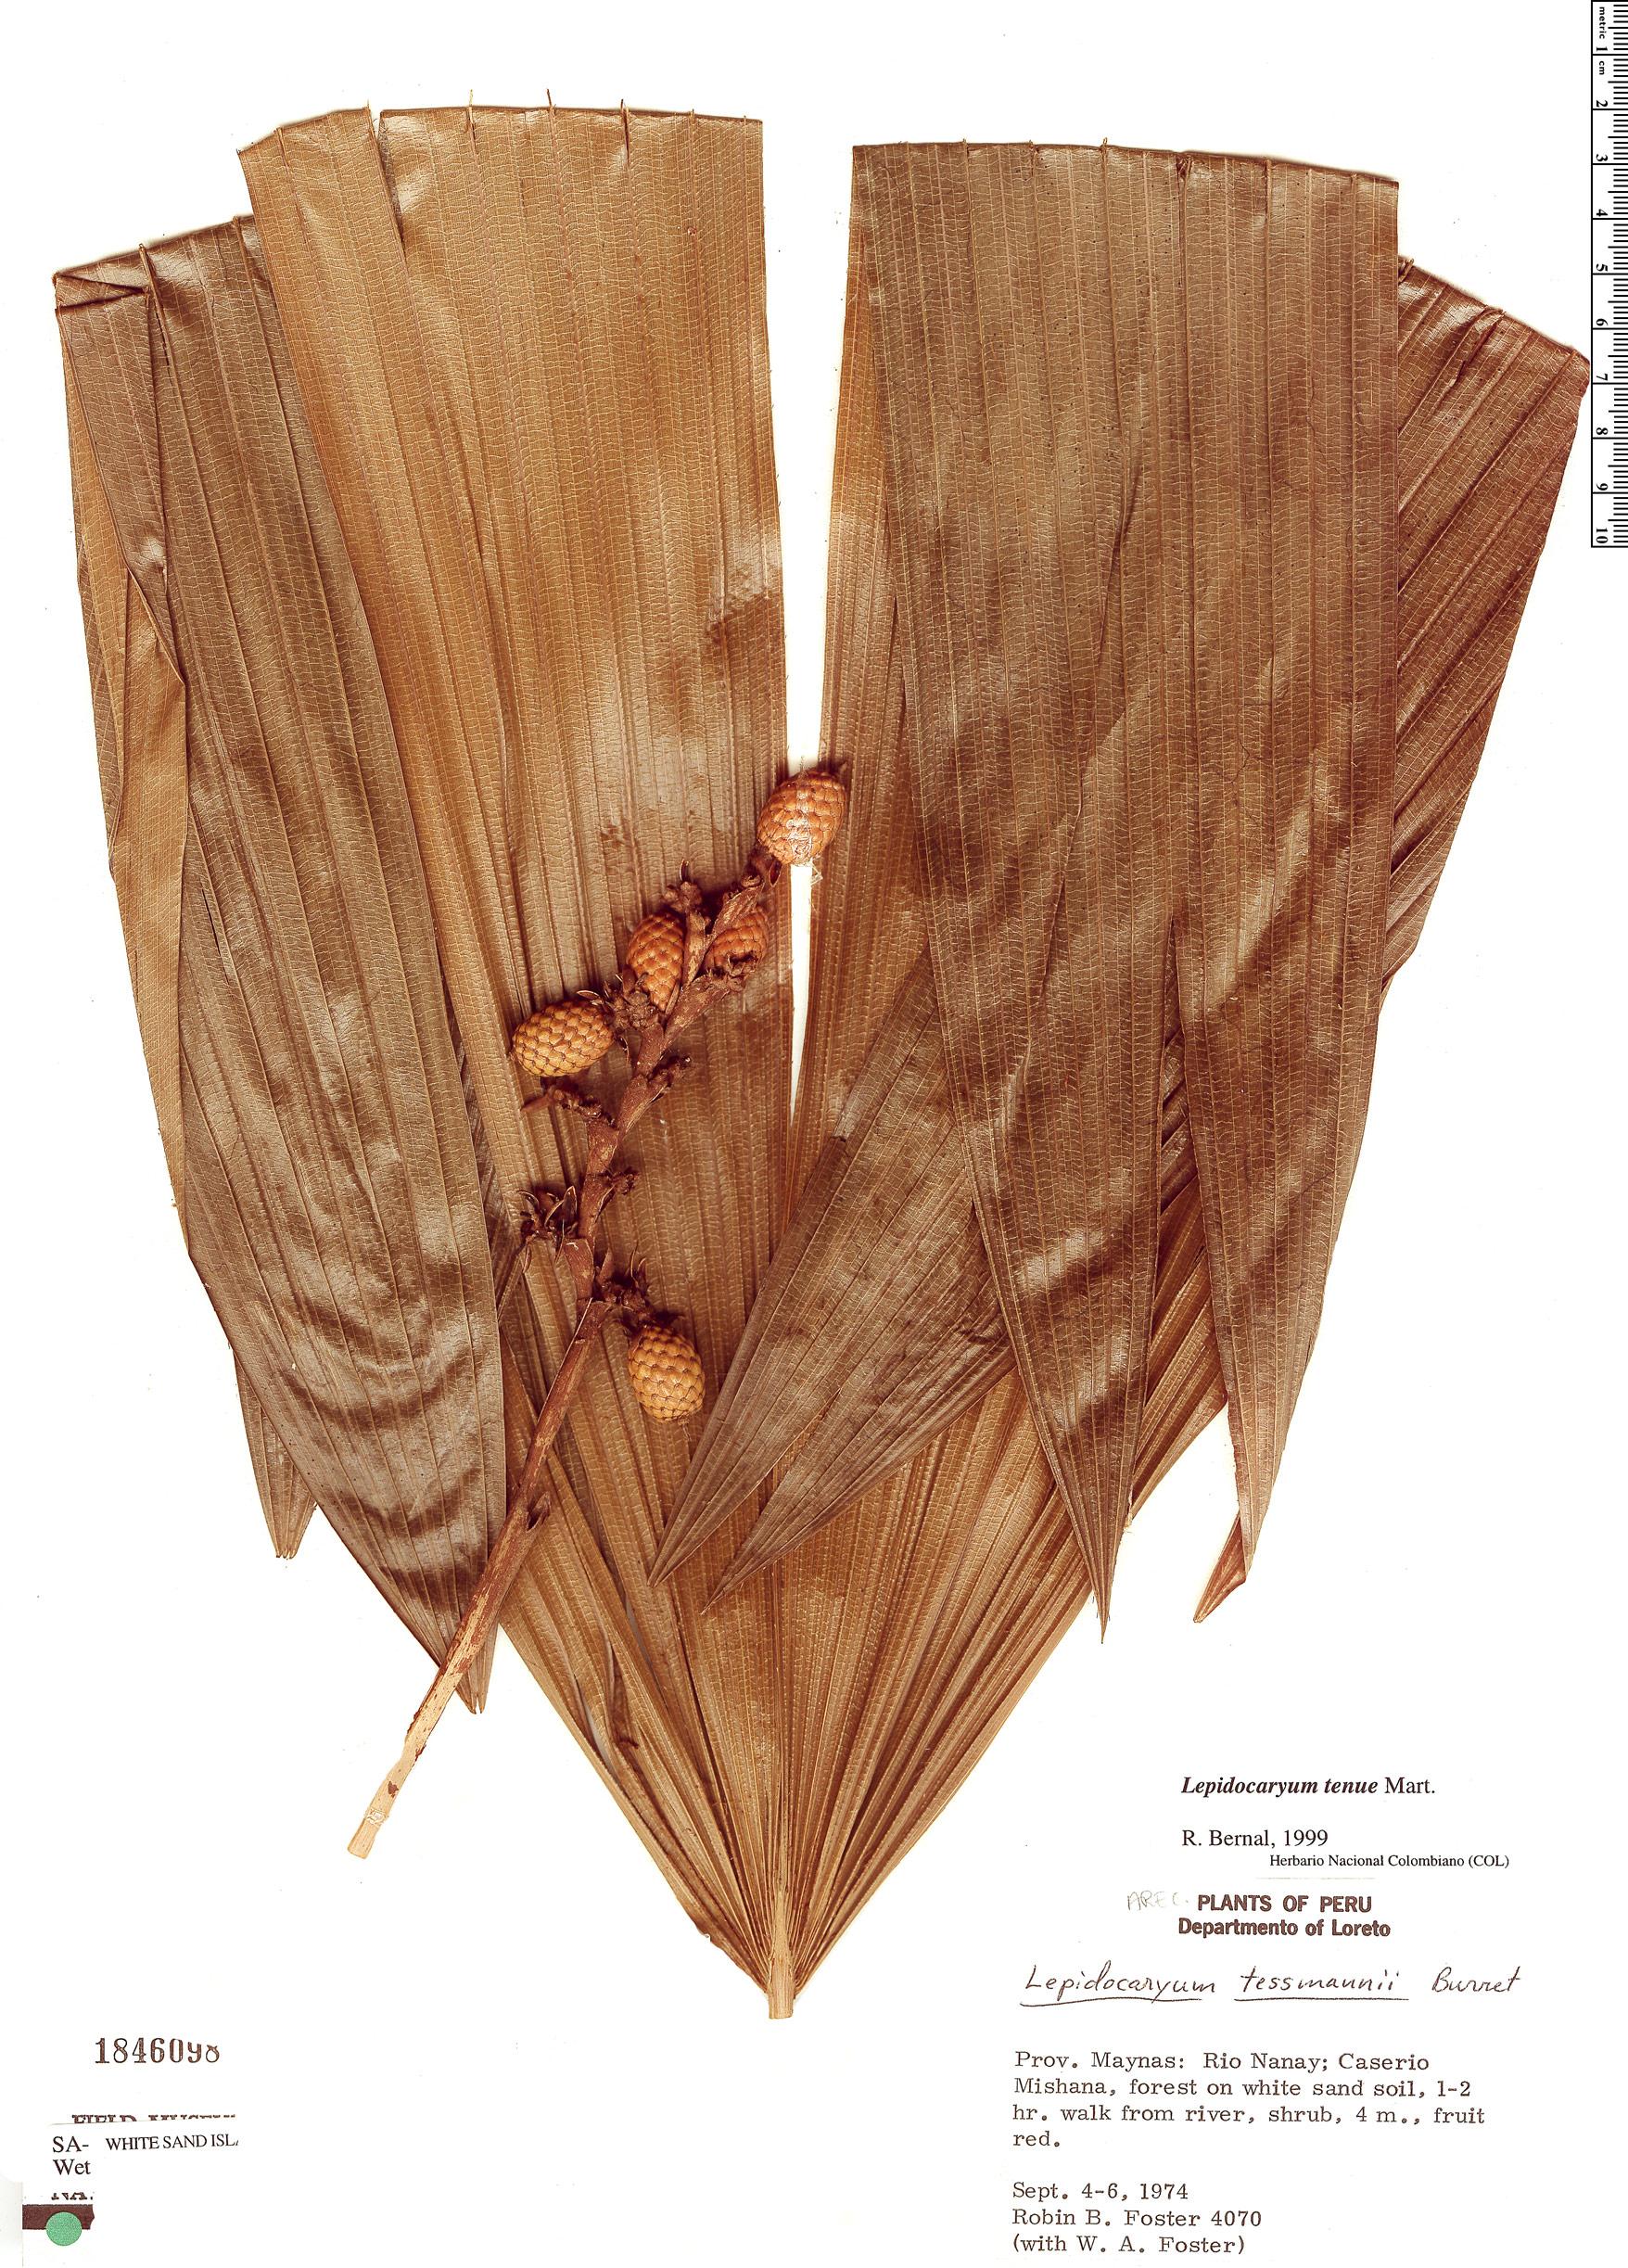 Specimen: Lepidocaryum tenue